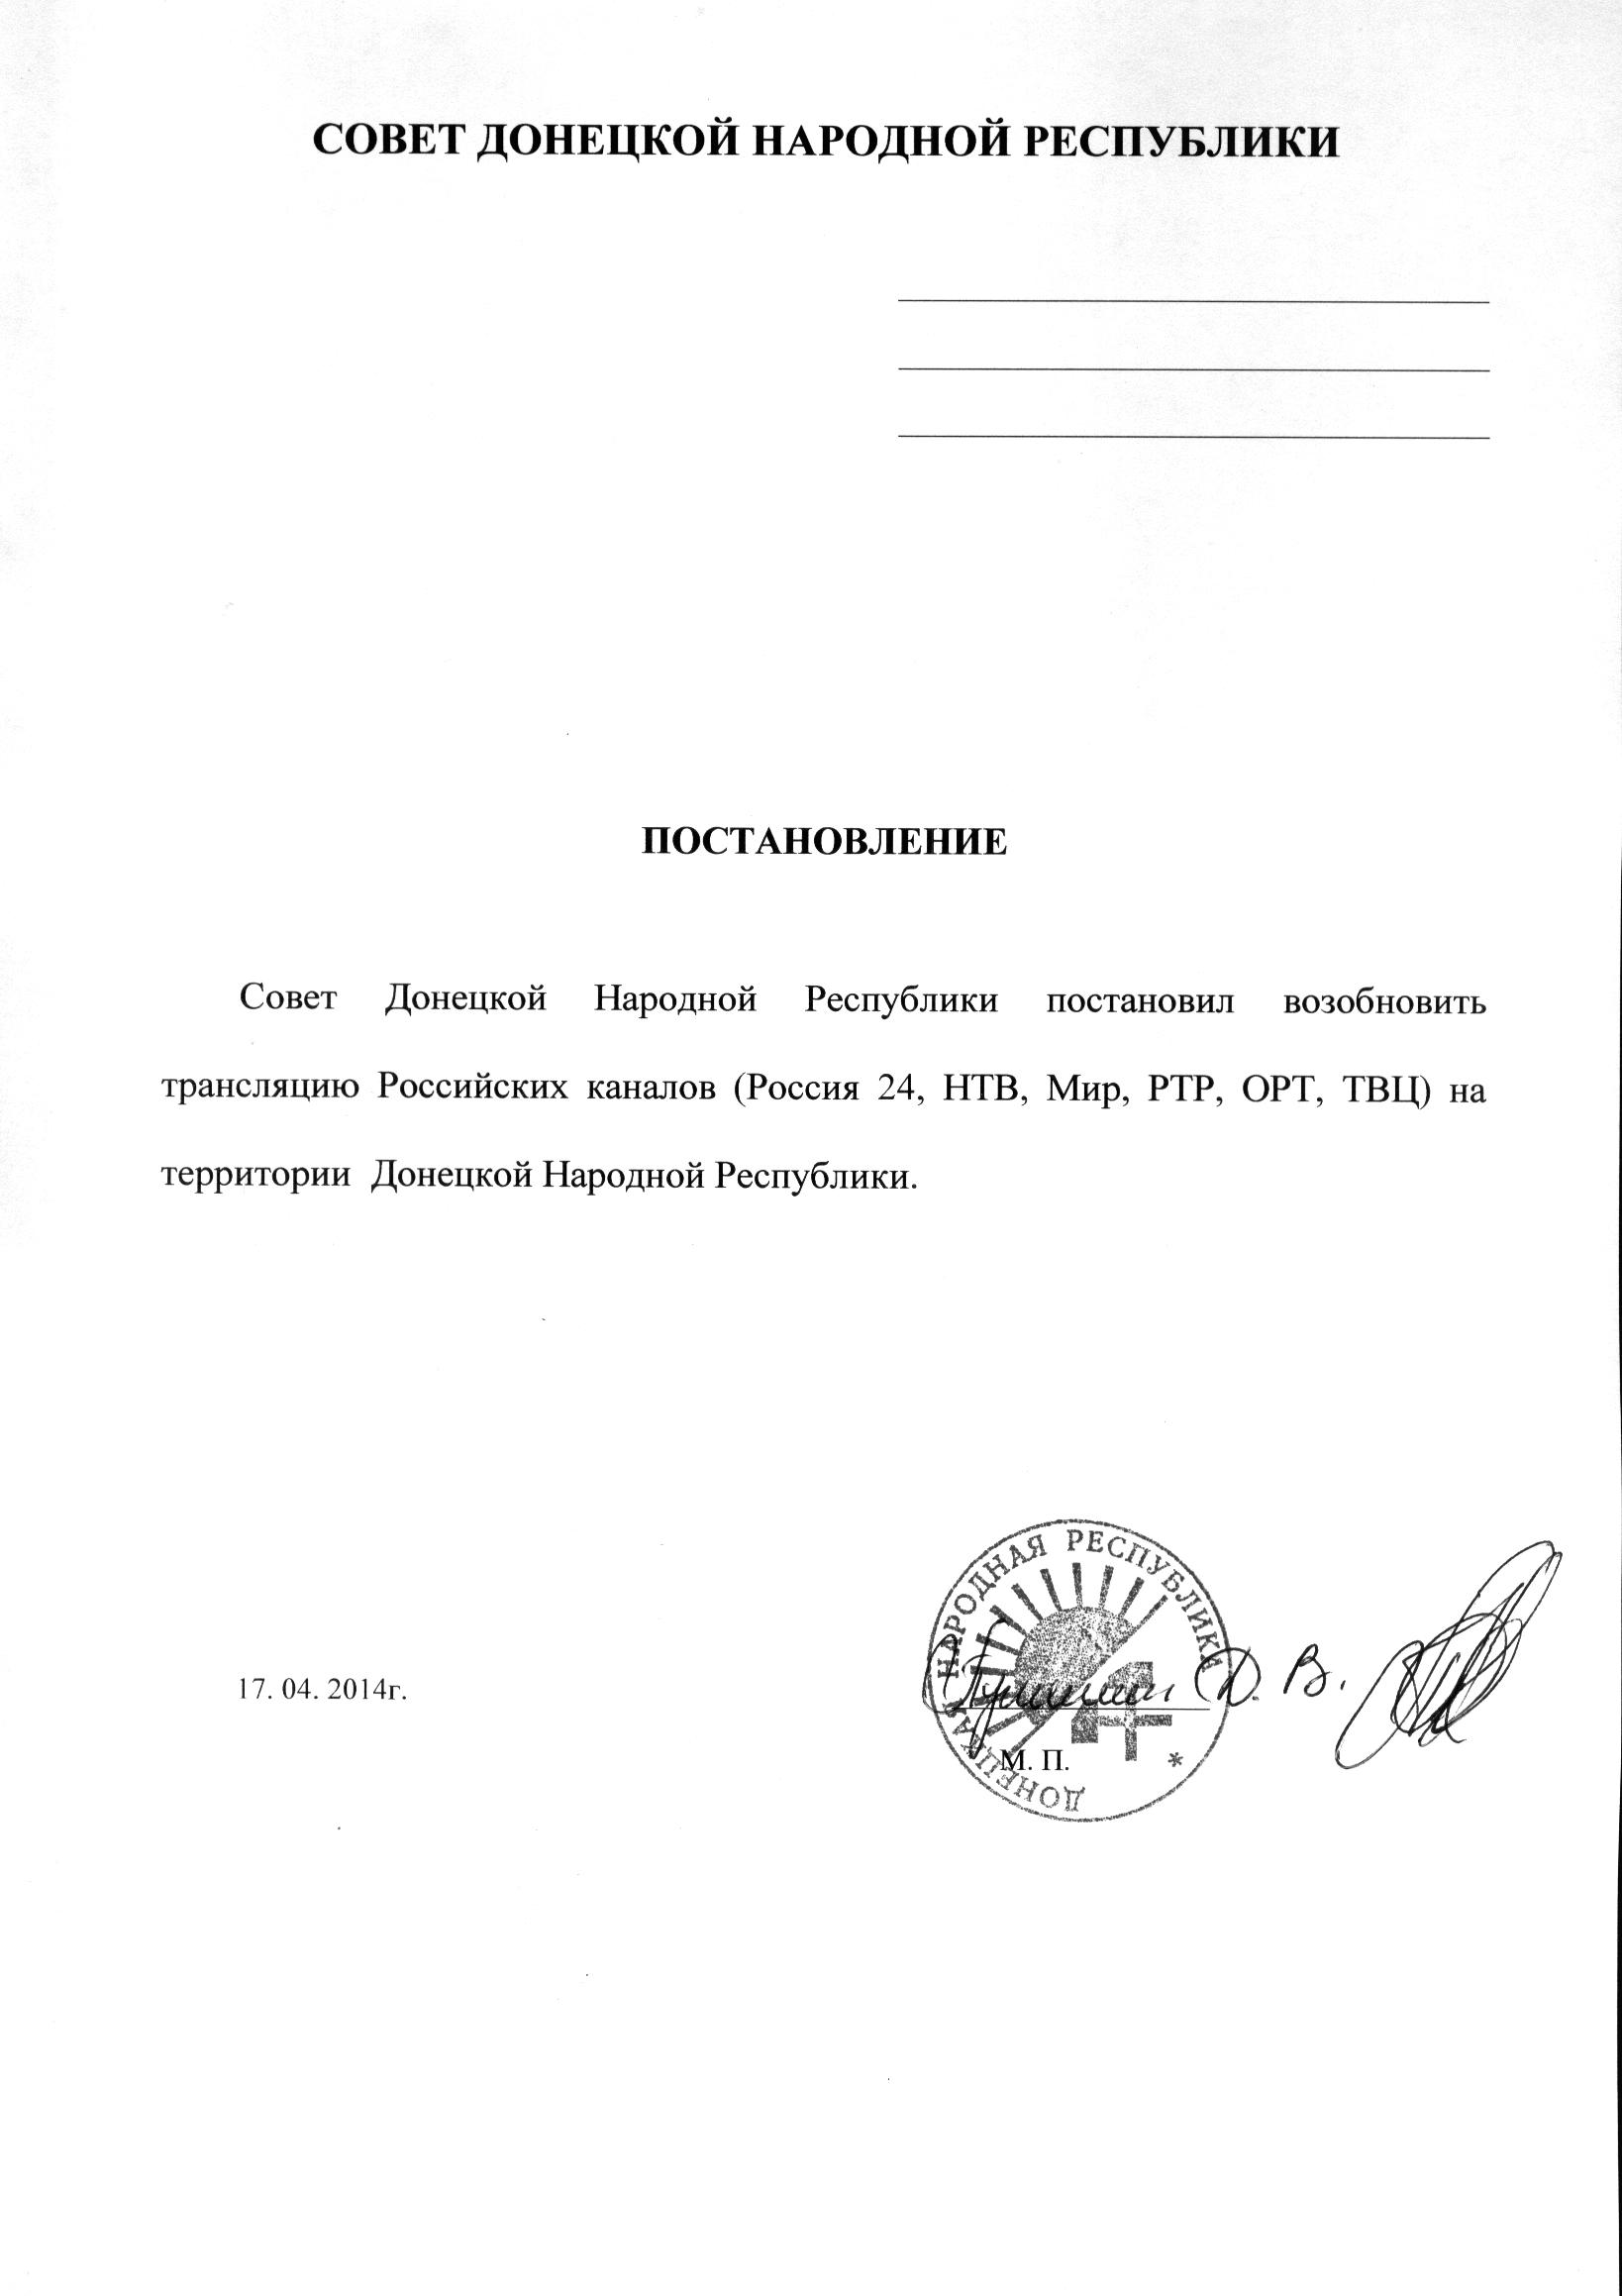 Возобновление российских каналов